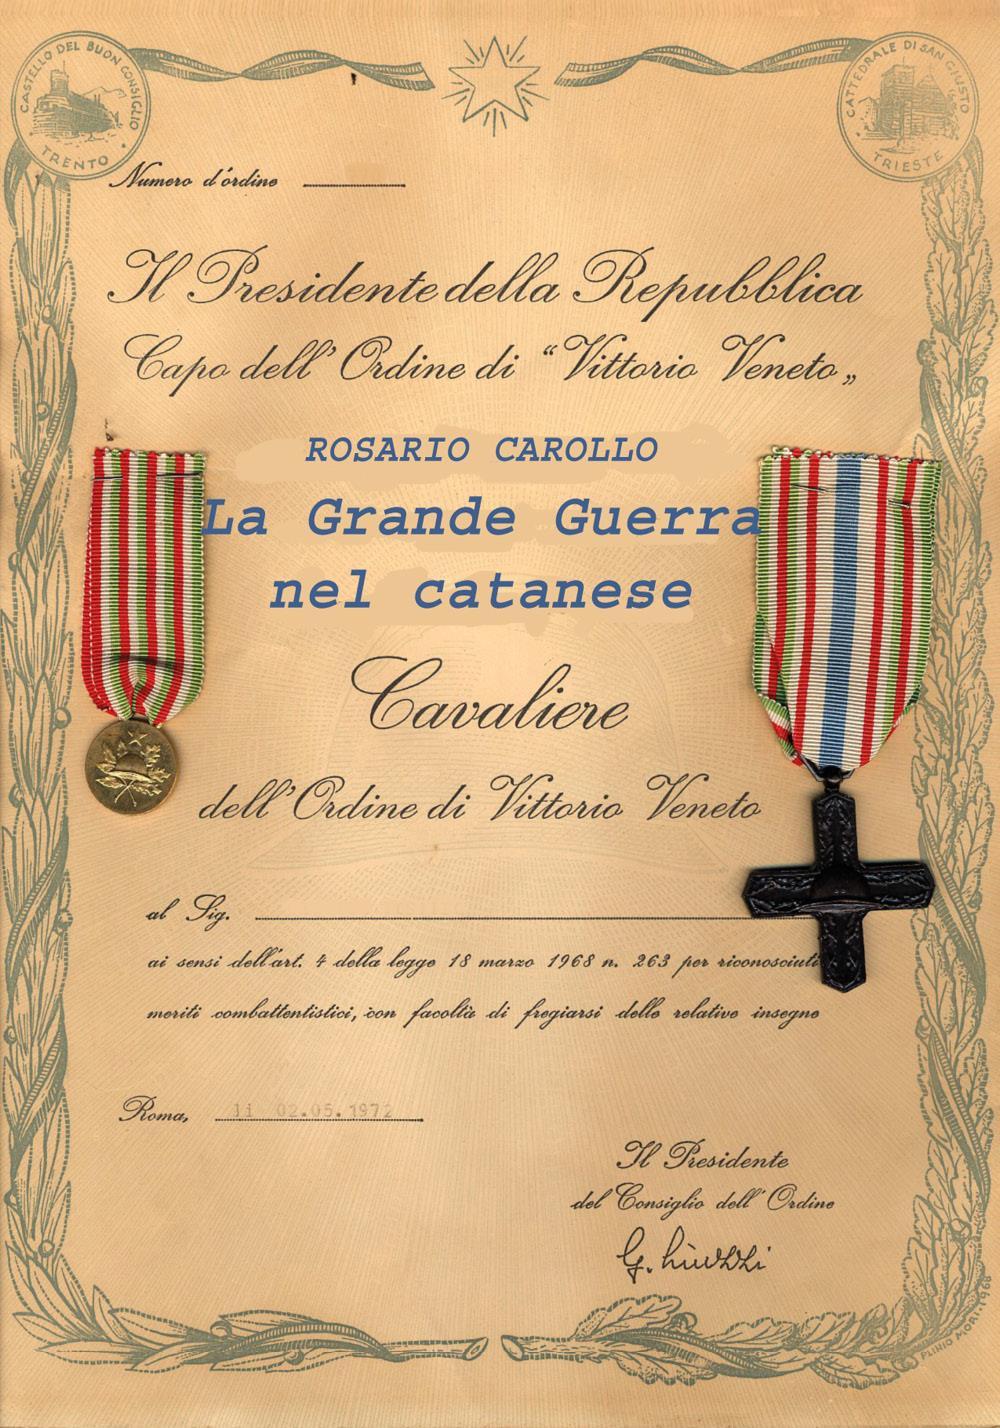 La Grande Guerra nel catanese